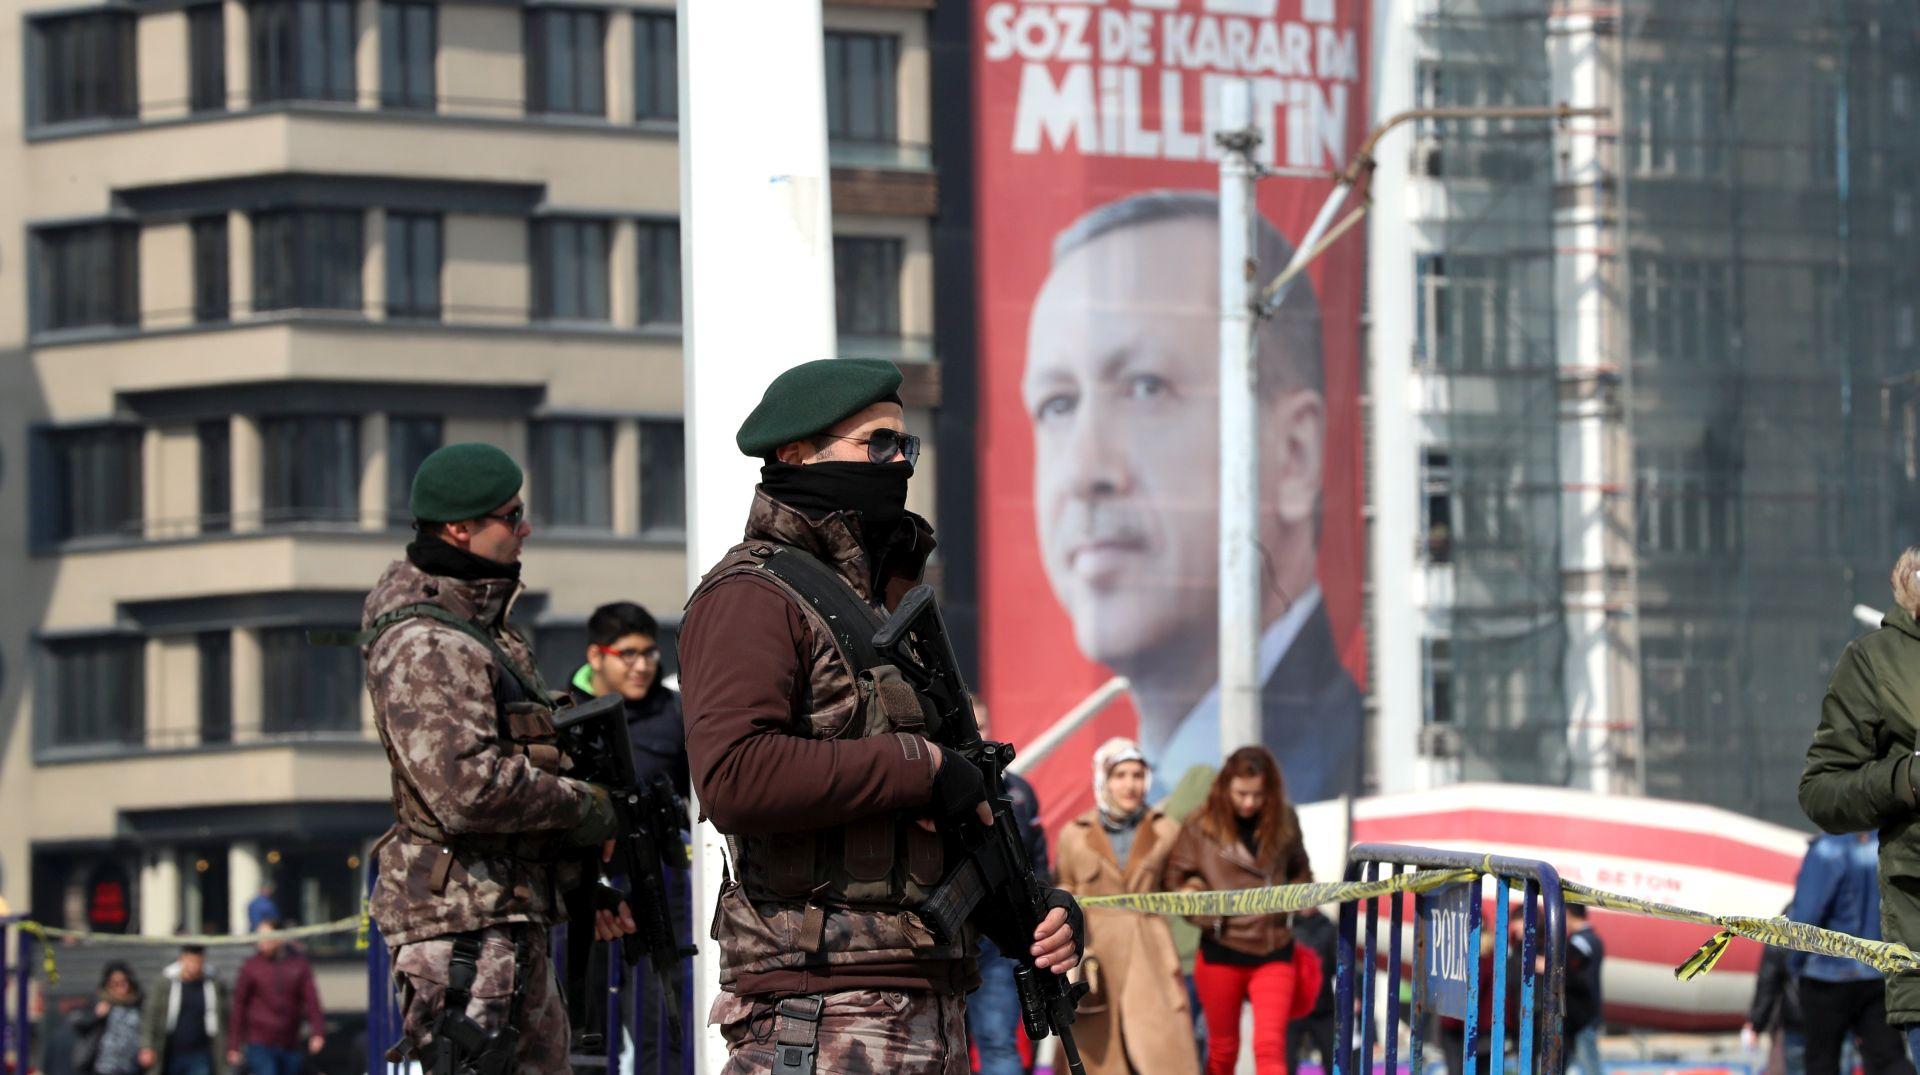 Edrogan odgovornost za Srebrenicu pripisao Nizozemskoj i upozorava na fašizam u Europi